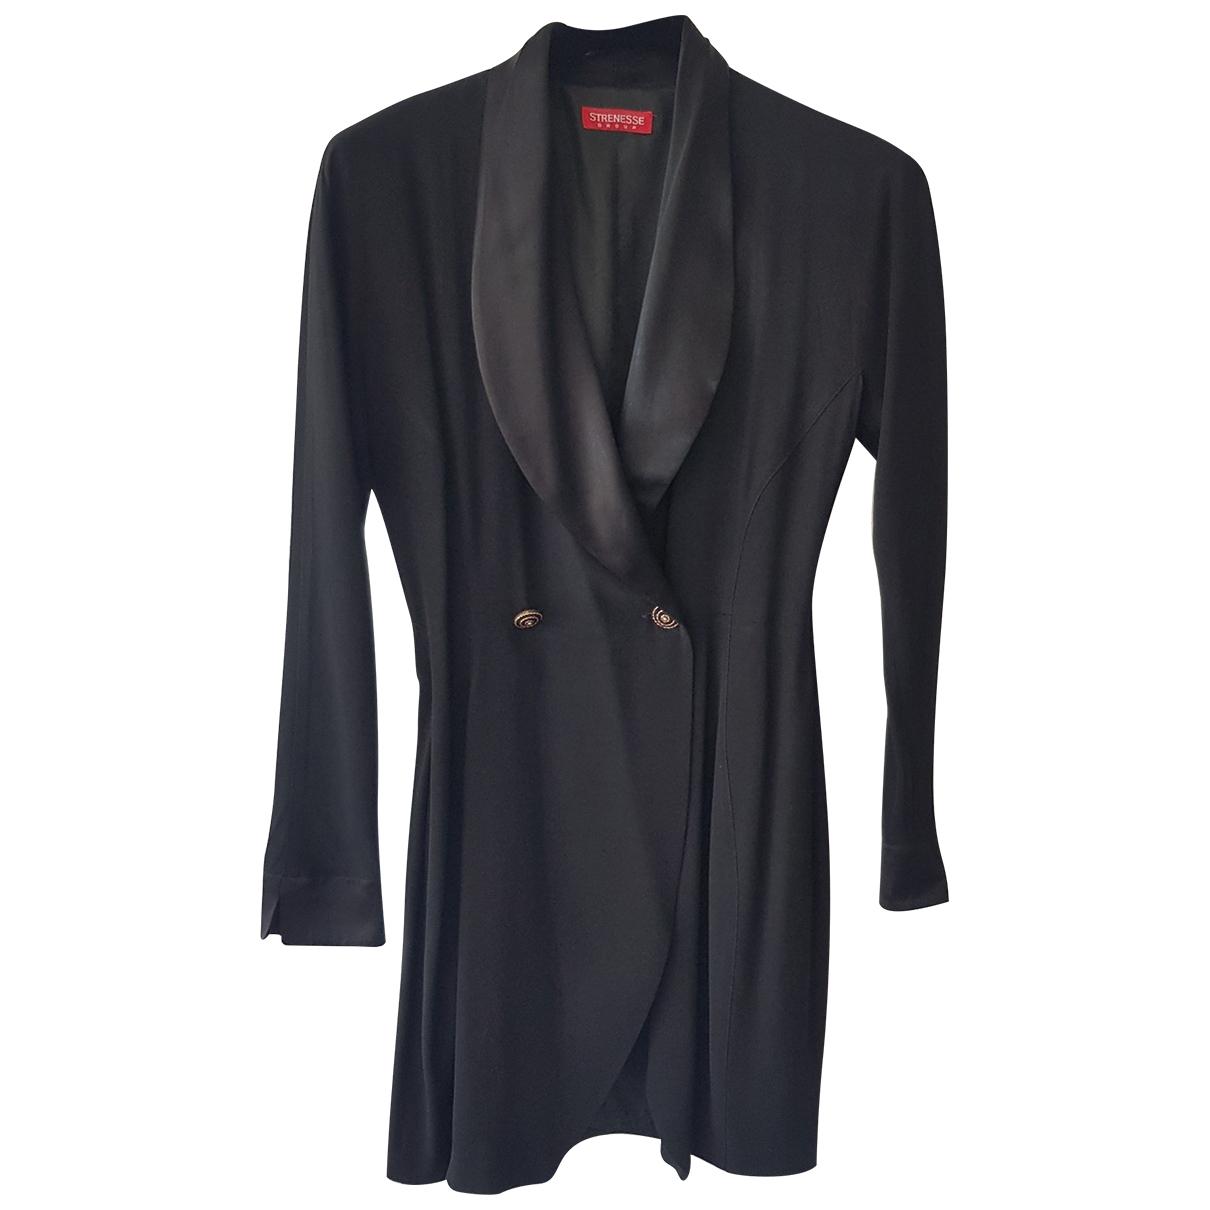 Strenesse \N Kleid in  Schwarz Synthetik